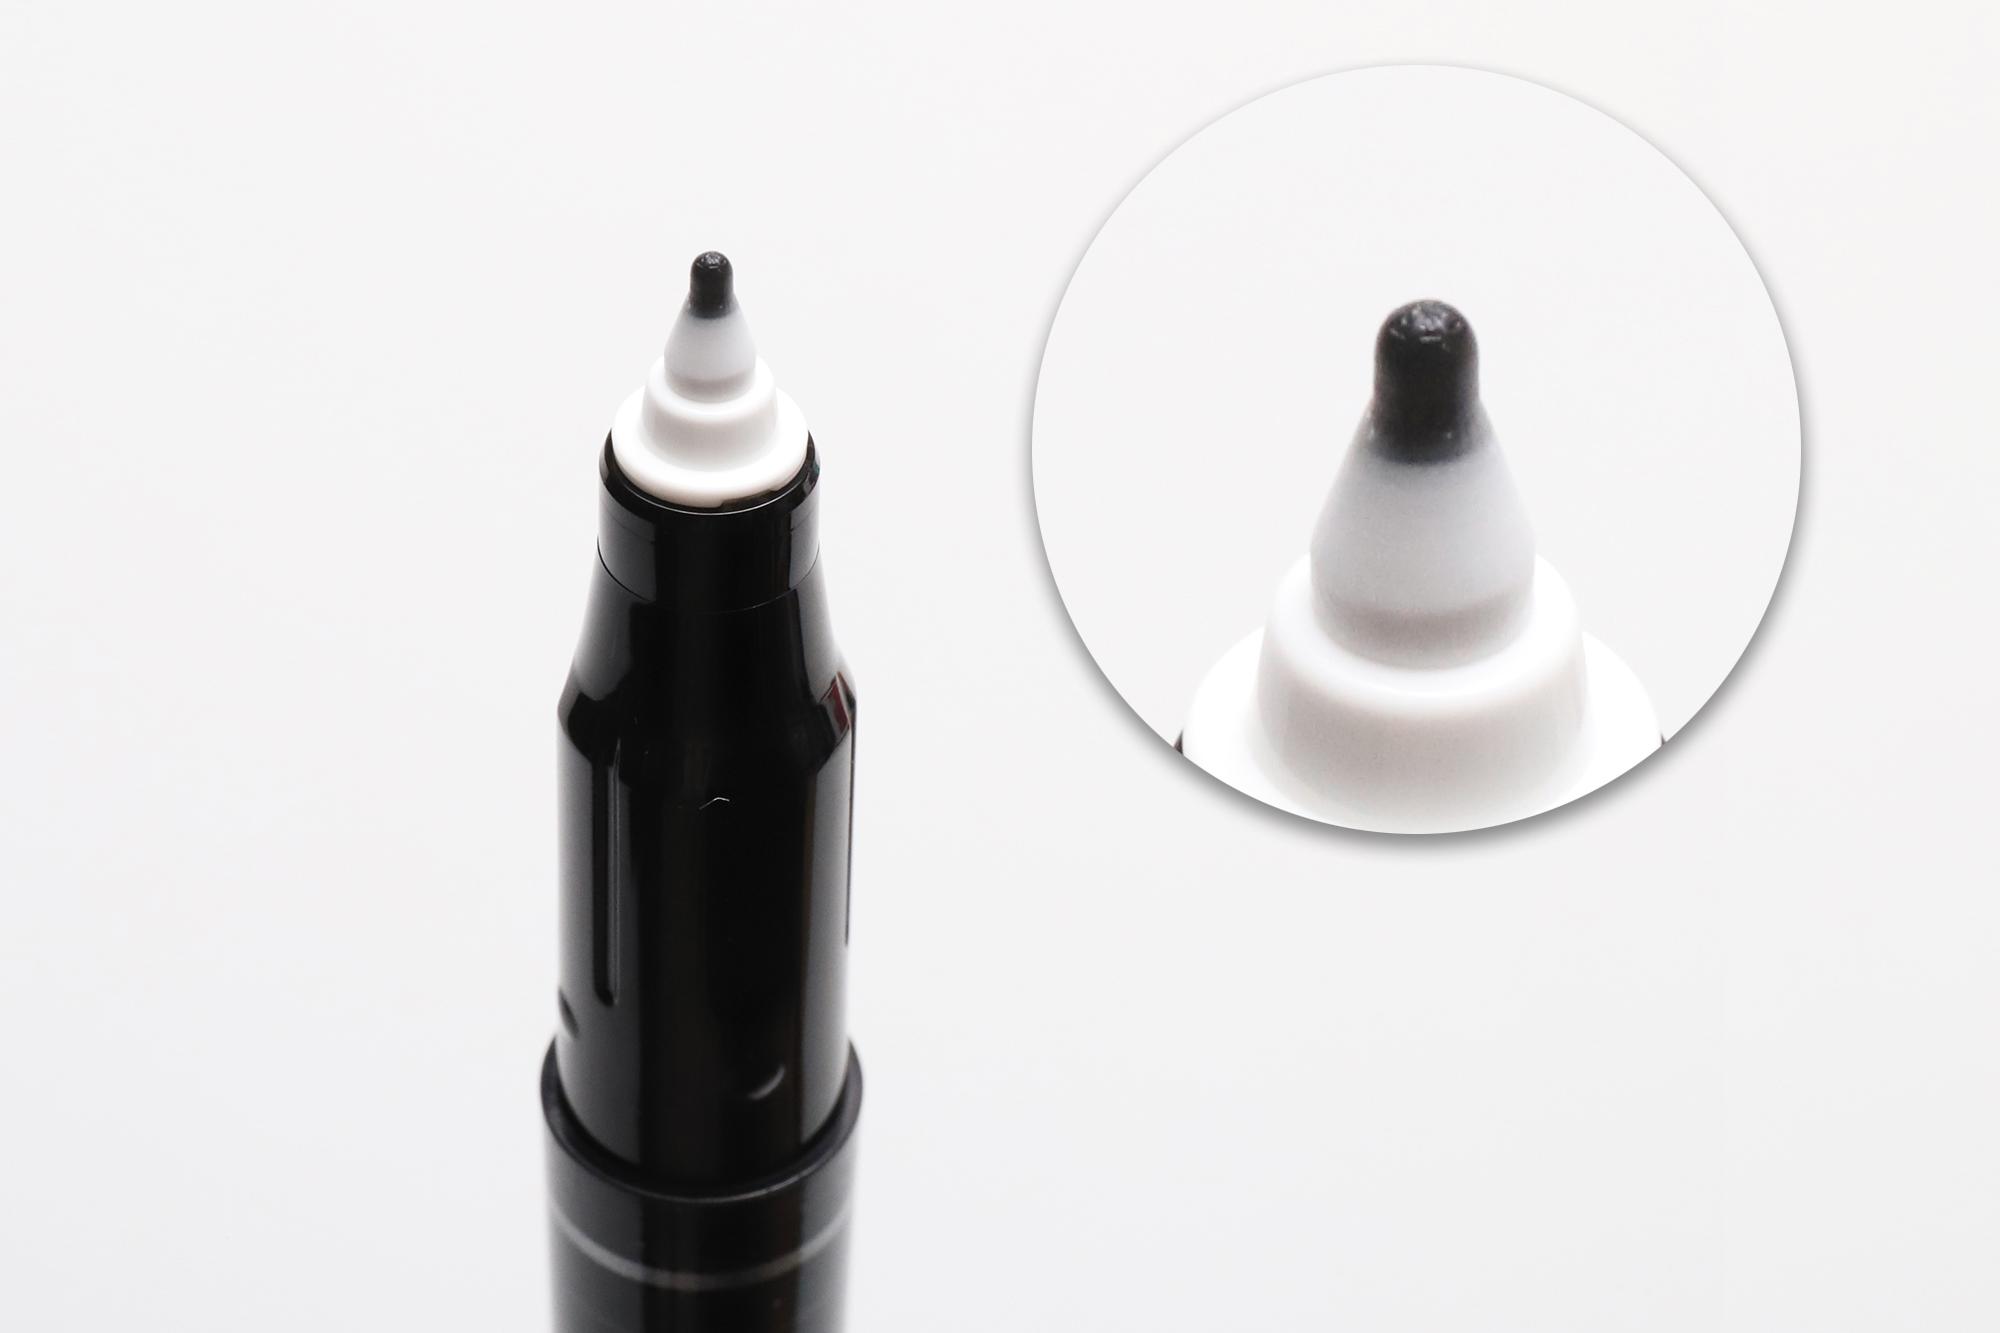 ↑プラペンチップの先端に刻まれた放射状の溝で、インクを供給する。フロー(供給されるインク量)はかなりたっぷりめ